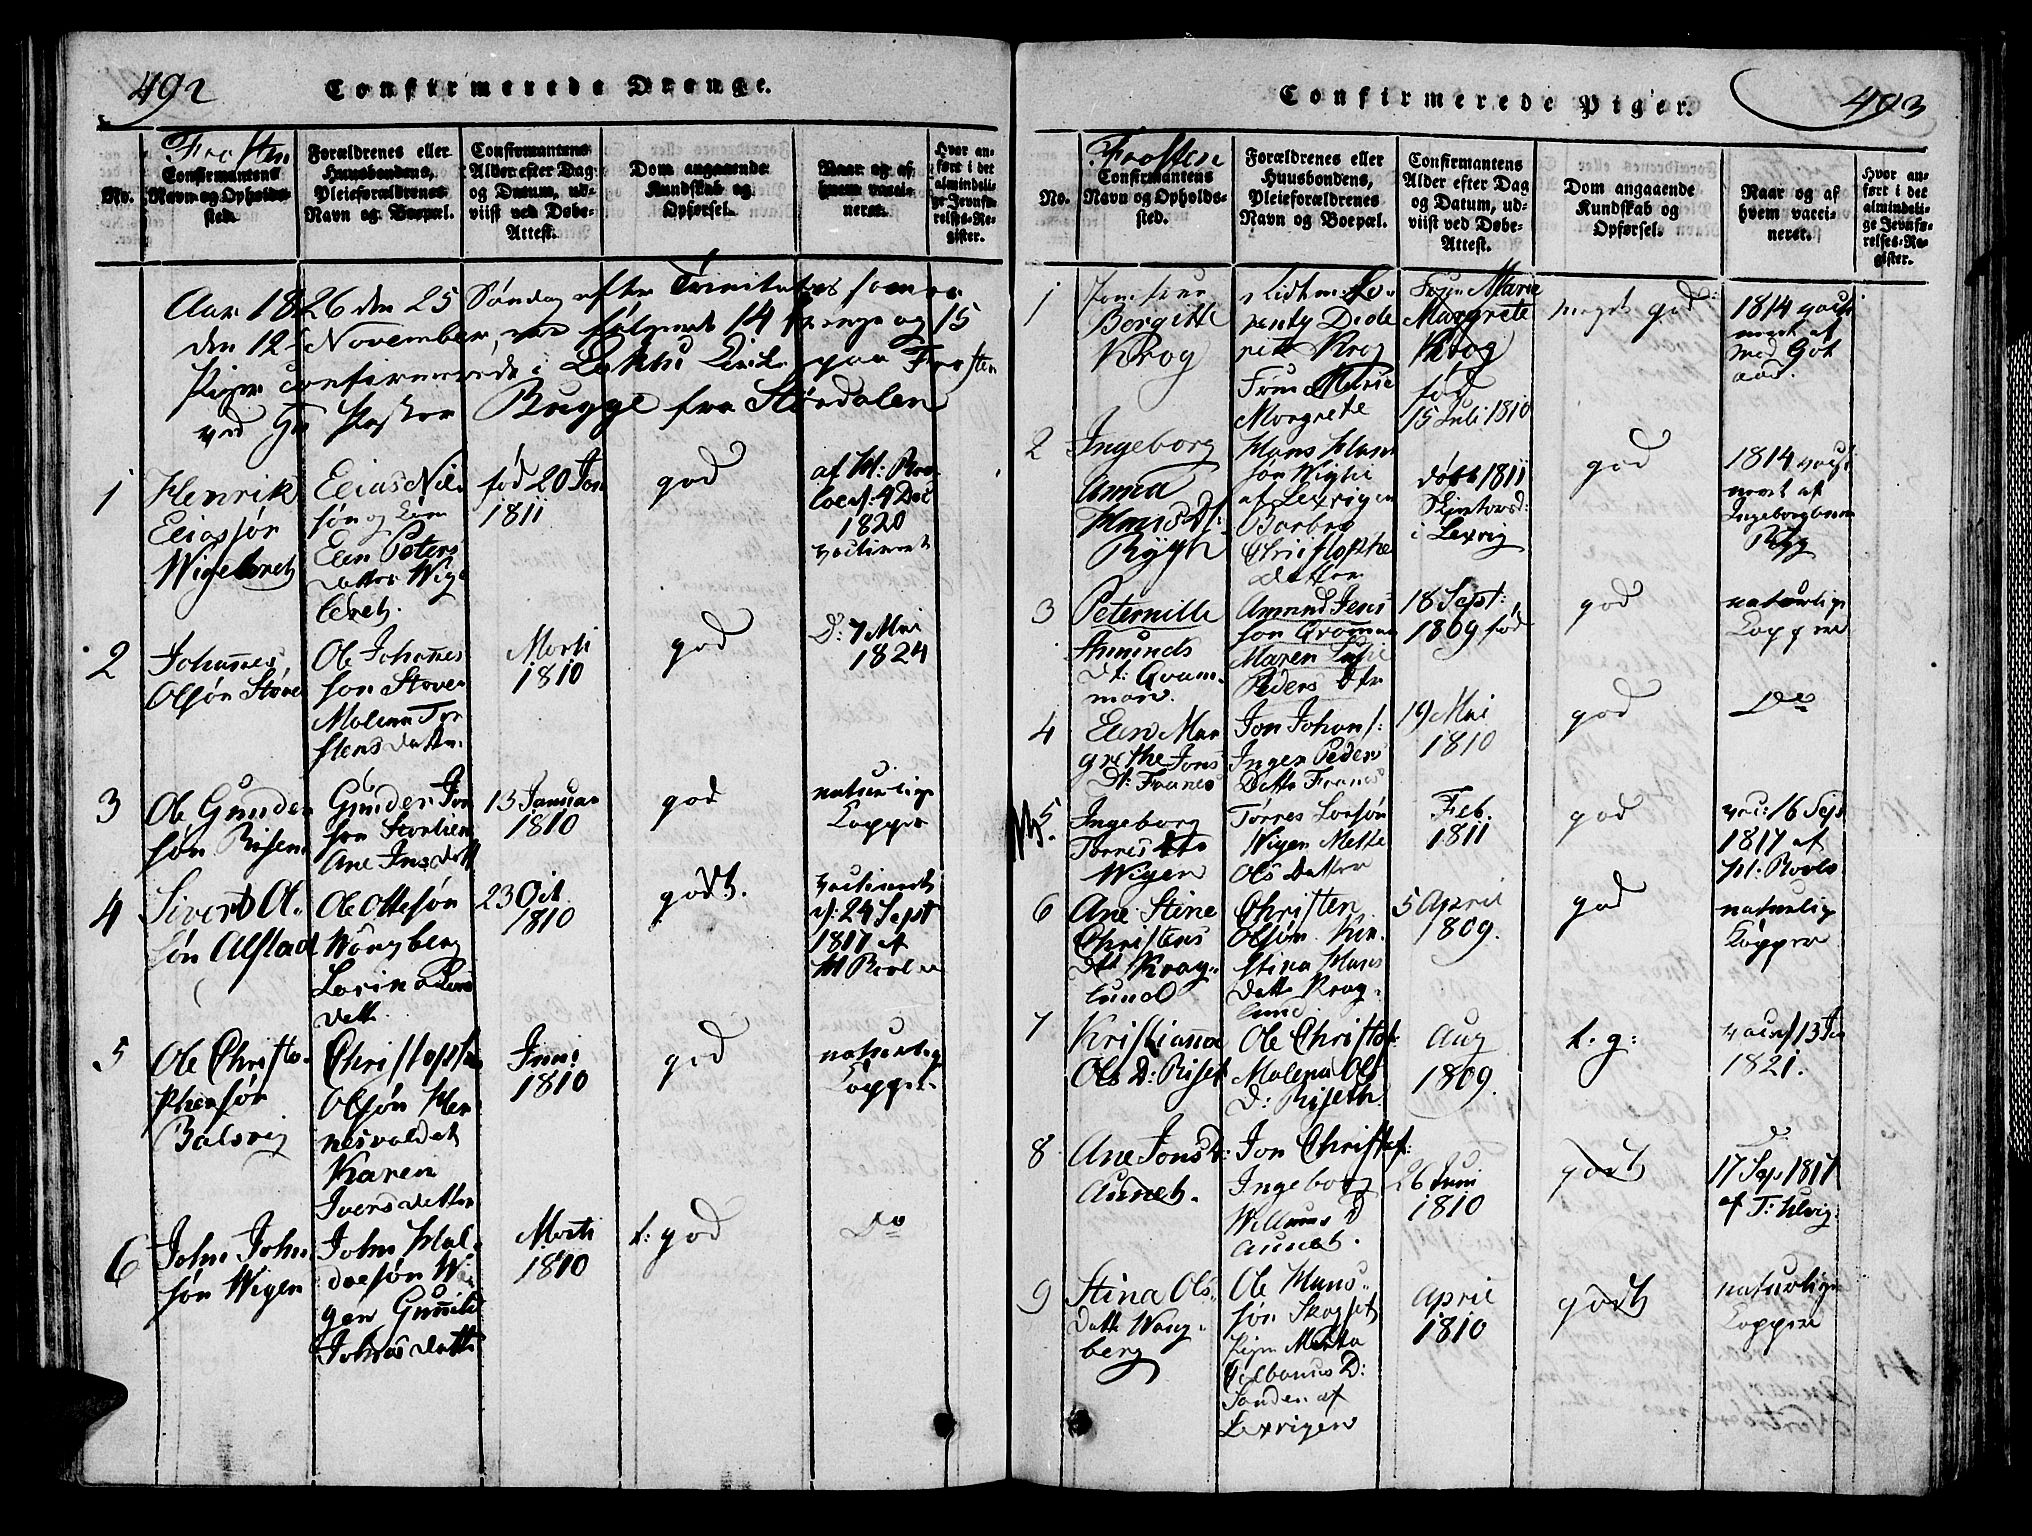 SAT, Ministerialprotokoller, klokkerbøker og fødselsregistre - Nord-Trøndelag, 713/L0112: Ministerialbok nr. 713A04 /1, 1817-1827, s. 492b-493b